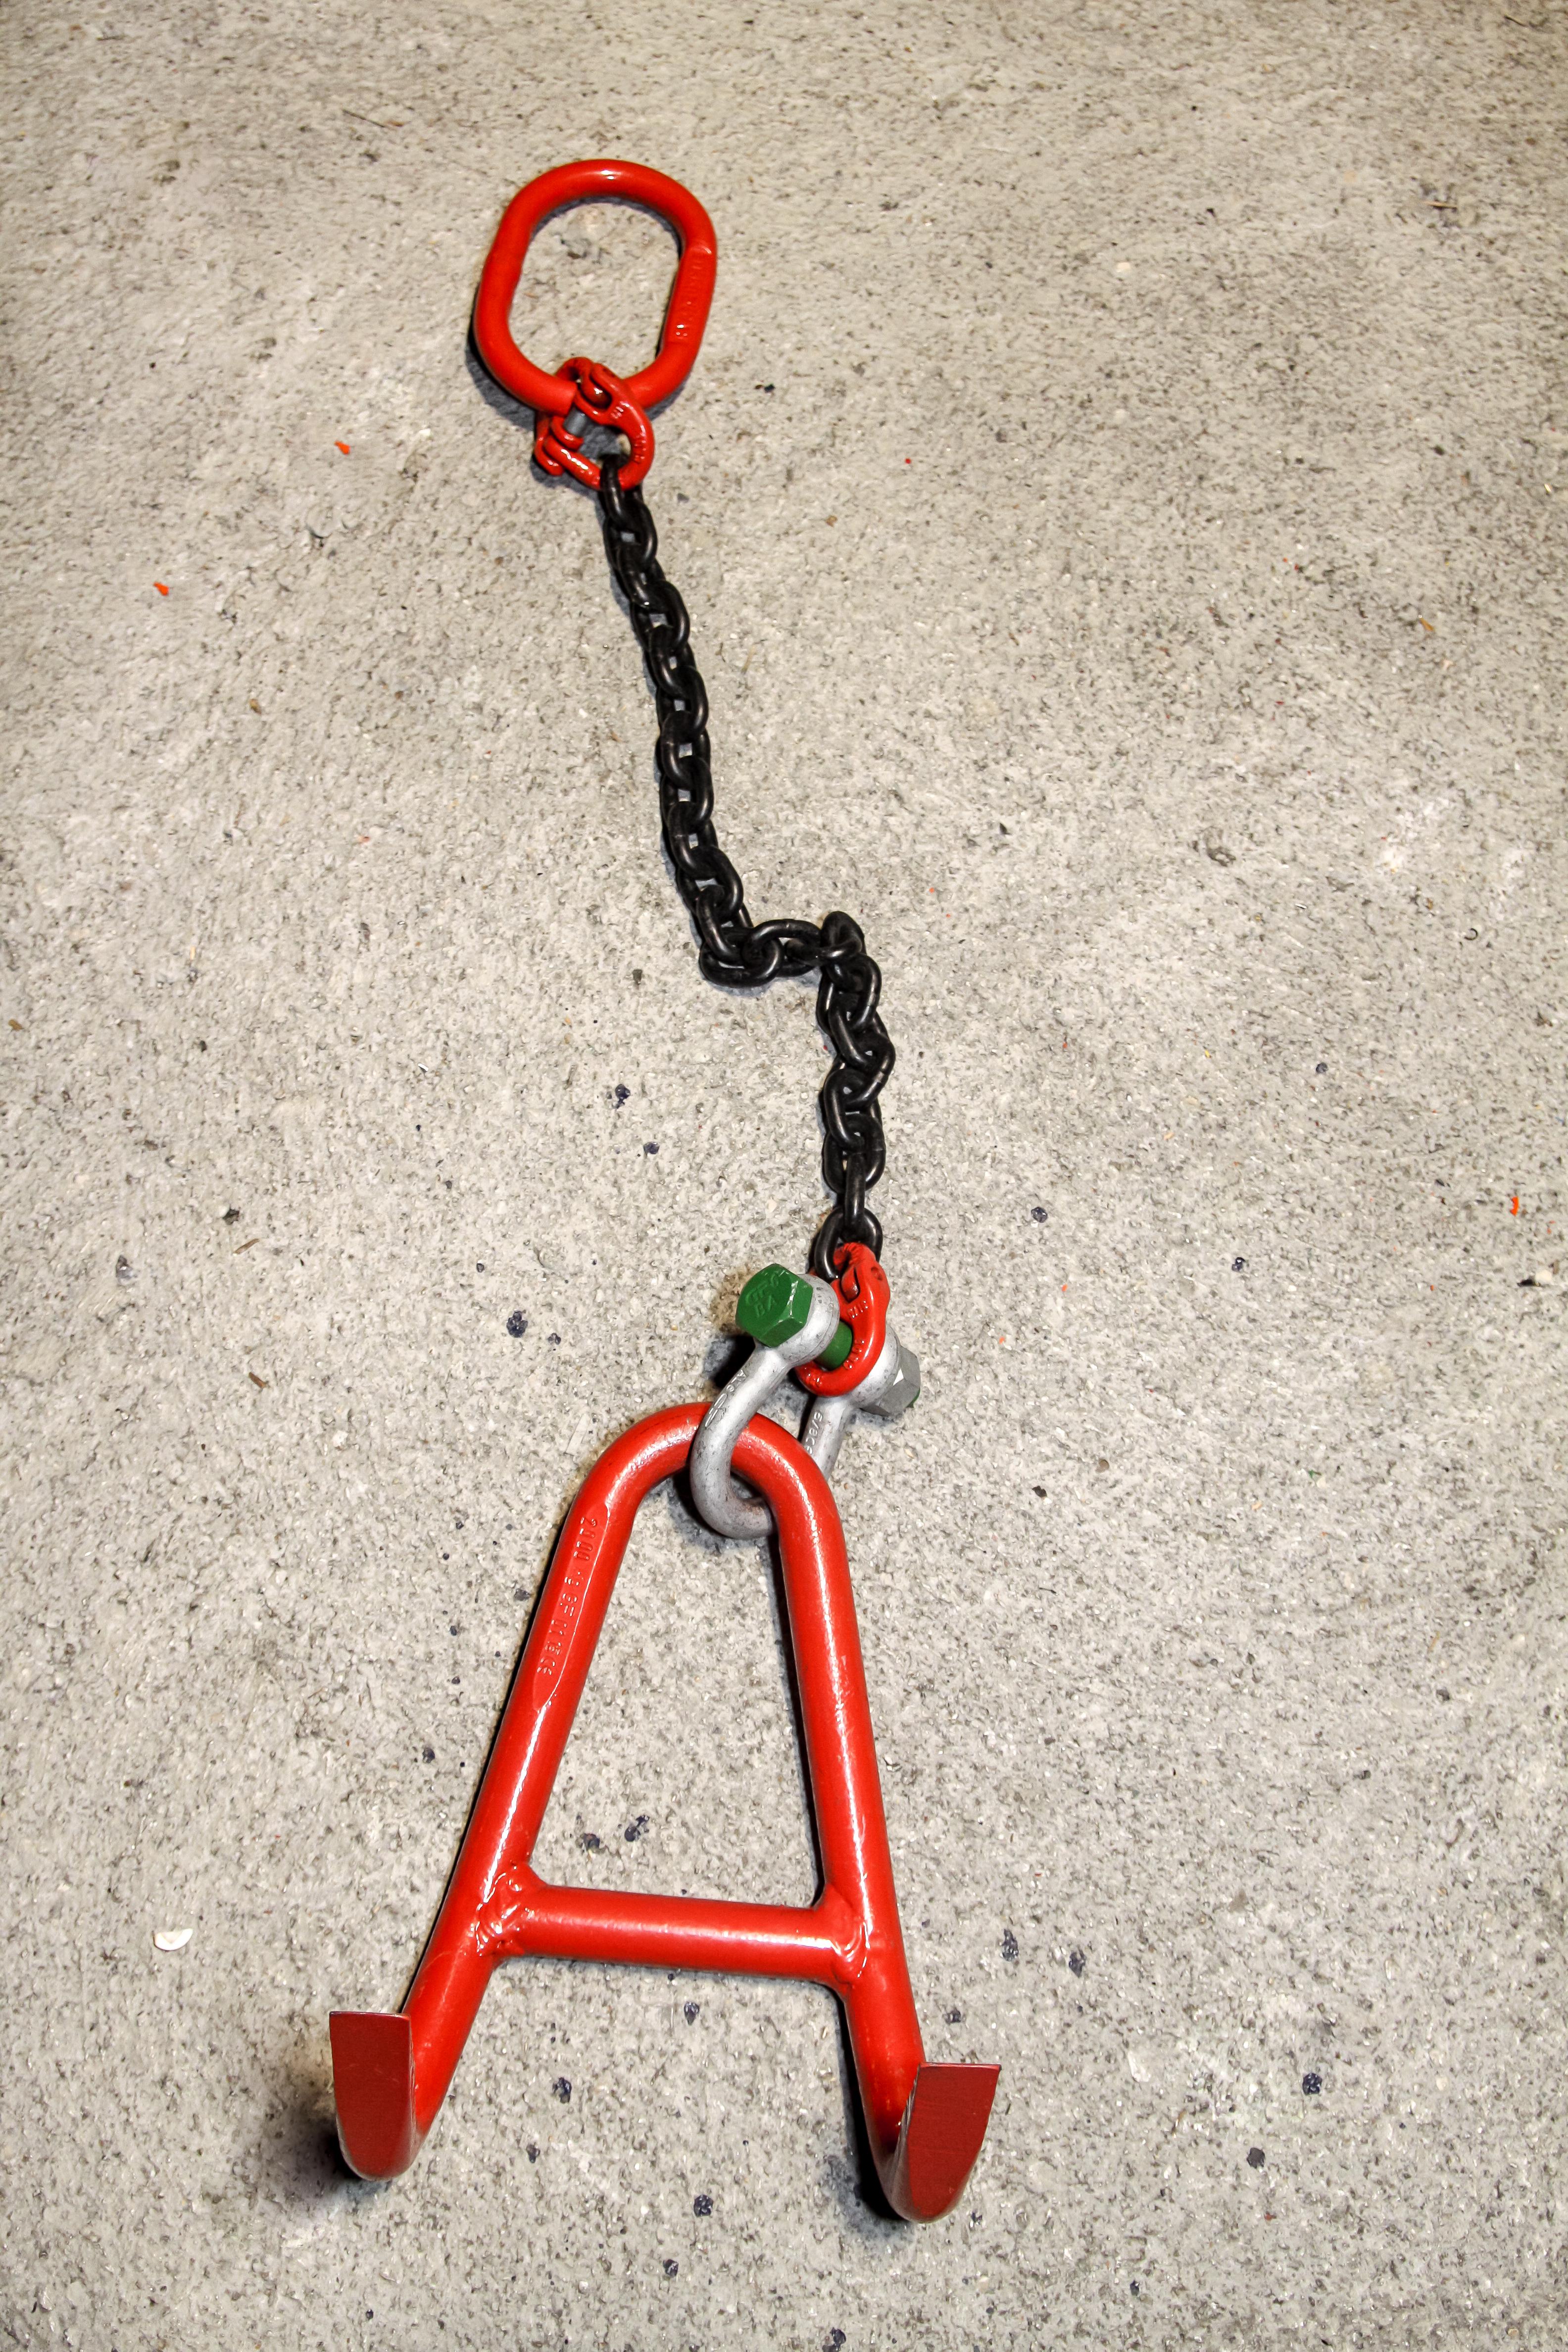 Enostremenska veriga z obesnim clenom, skopcem in horizontalnim prijemalom plocevine